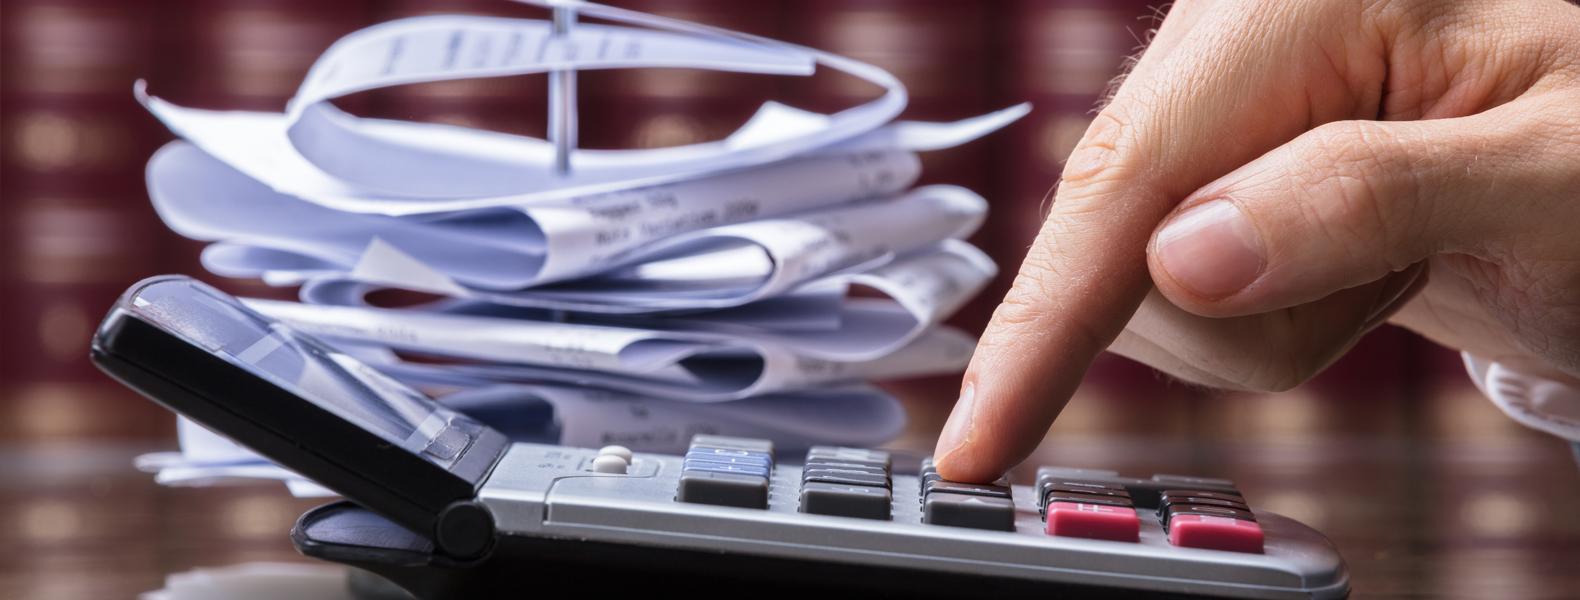 Leitfaden Rechnungsstellung Wie Erstelle Ich Eine Rechnung